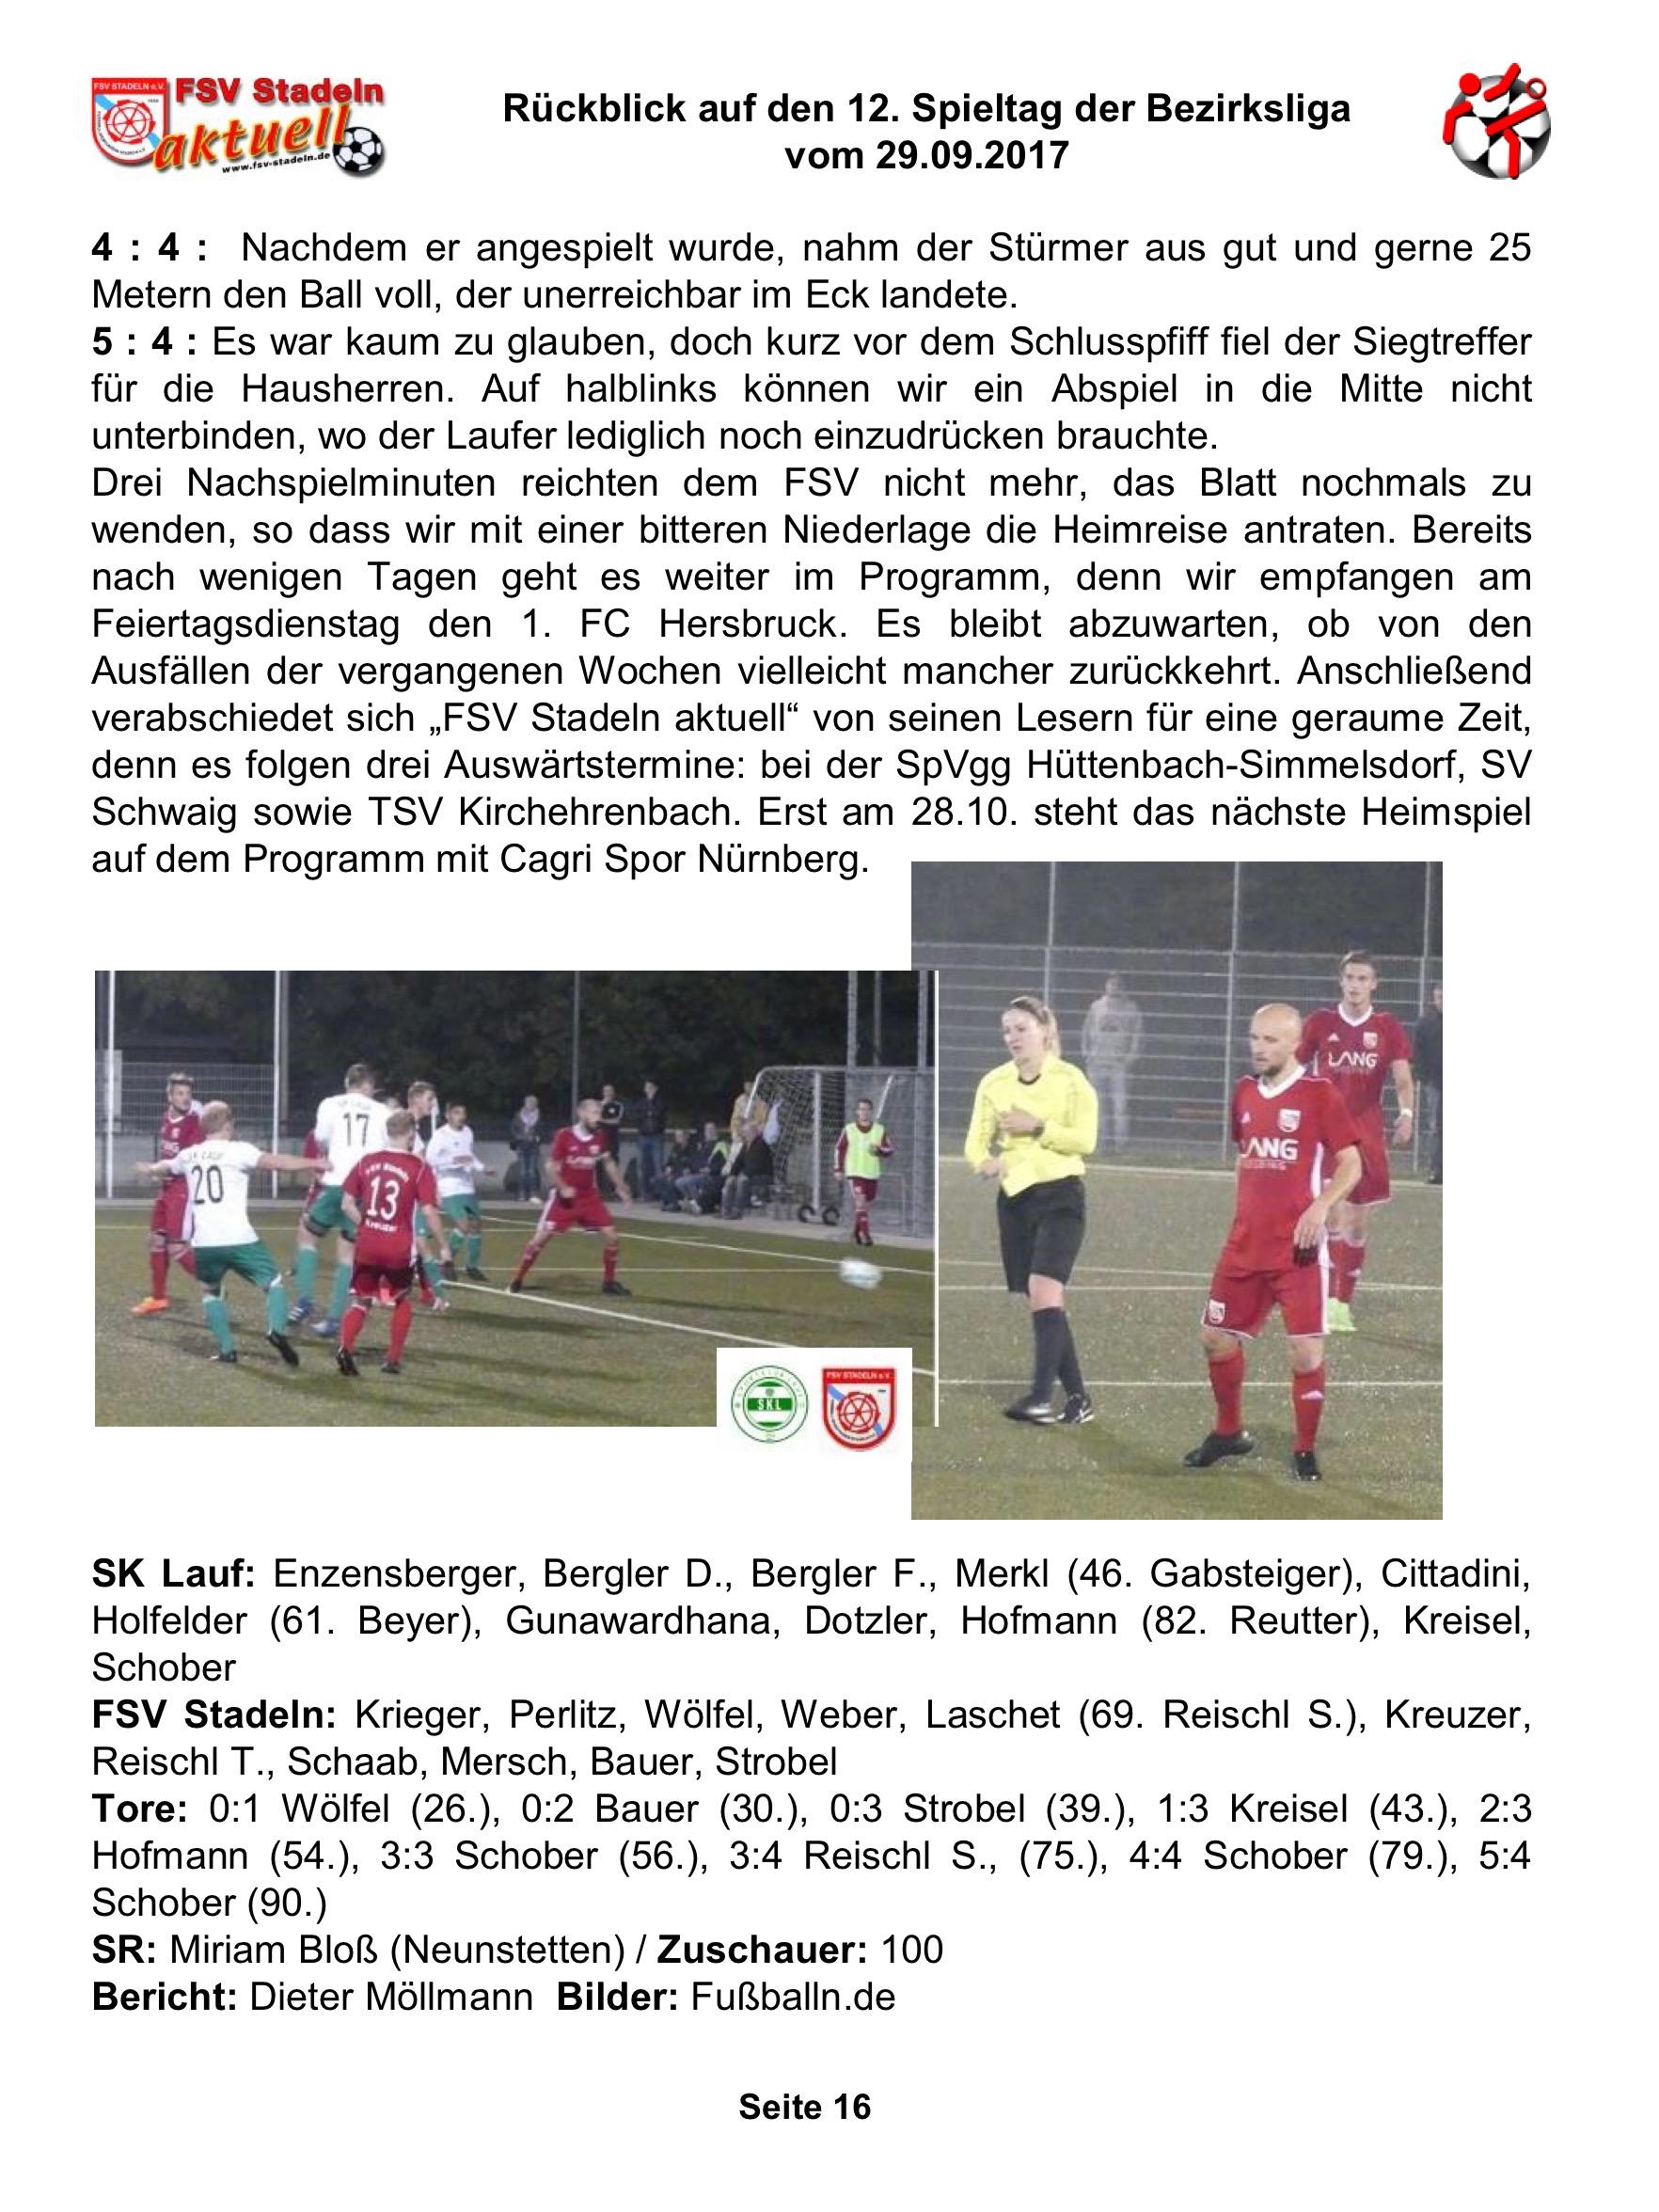 07-2017-10-03-1.-FC-Hersbruck-16.jpeg